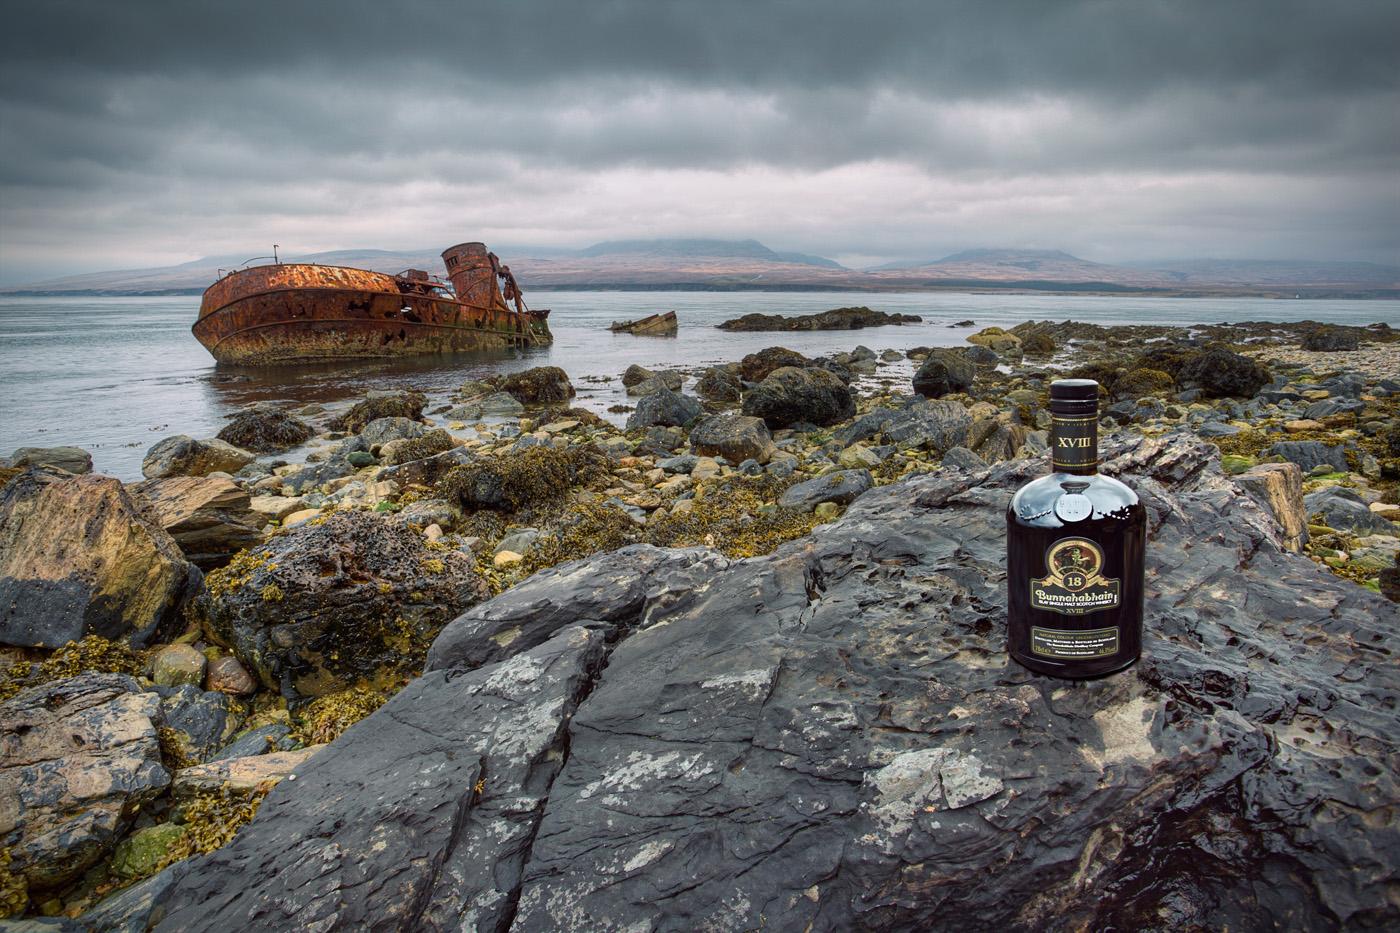 Die schottischen Inseln - Whiskytasting & Dinner im Irish Fiddler Pub